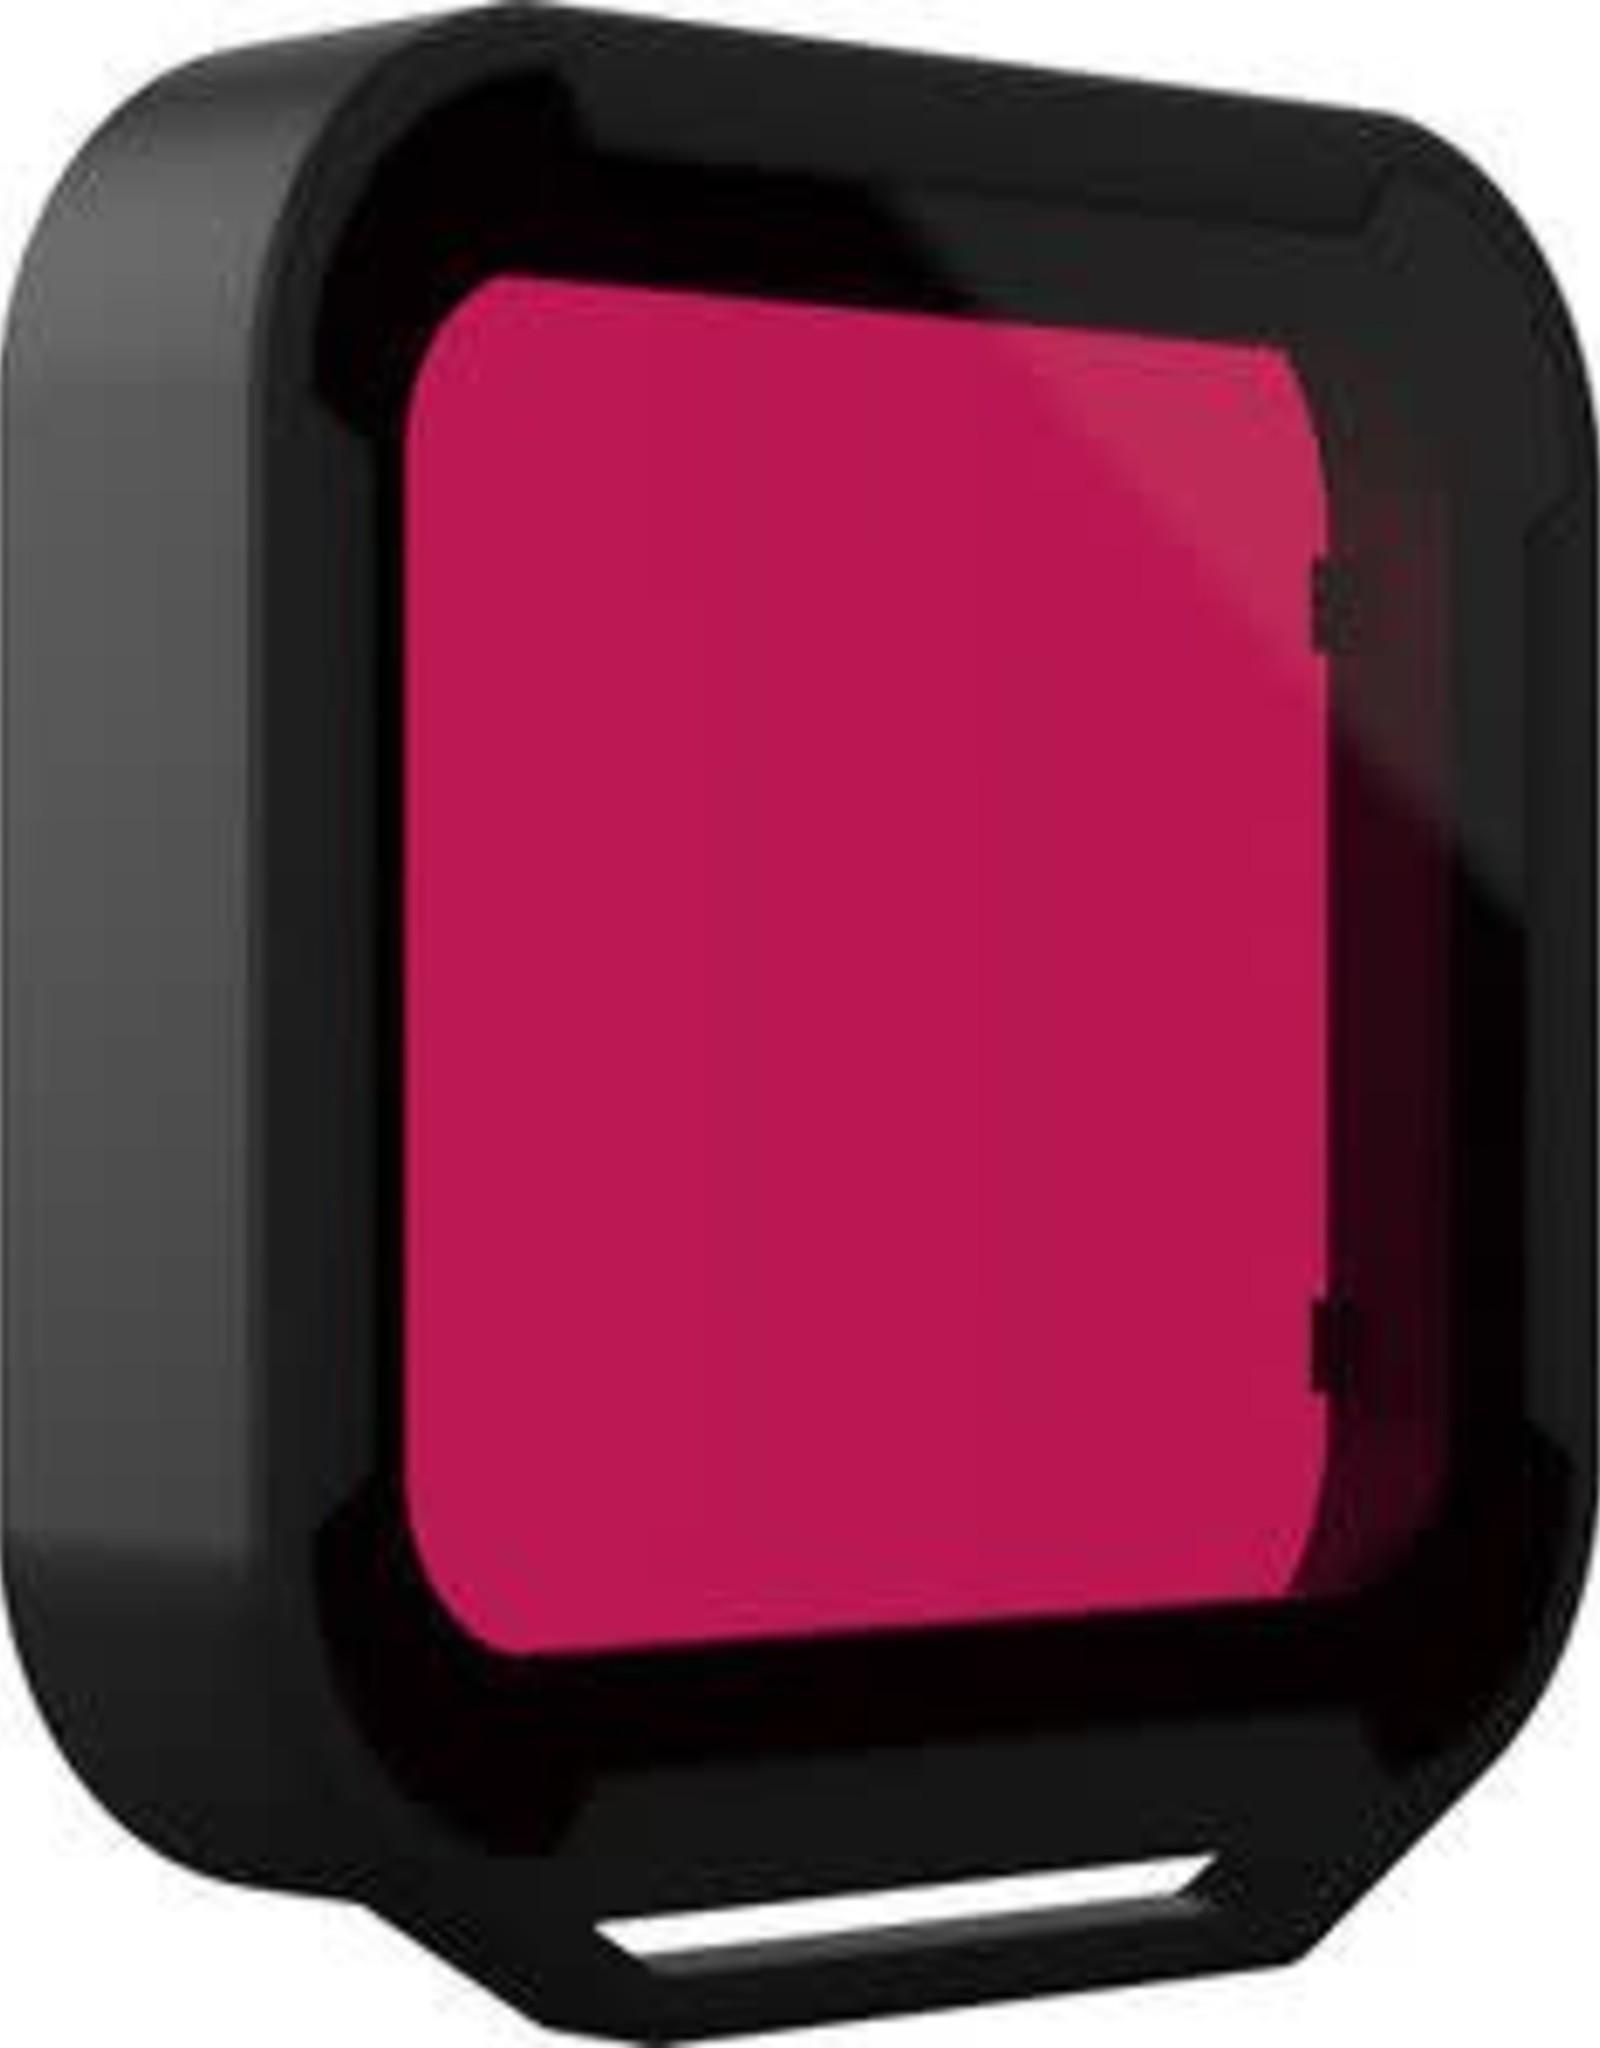 PolarPro | GoPro Hero5 / Hero6 SuperSuit Magenta Filter | H5B-1002-SS